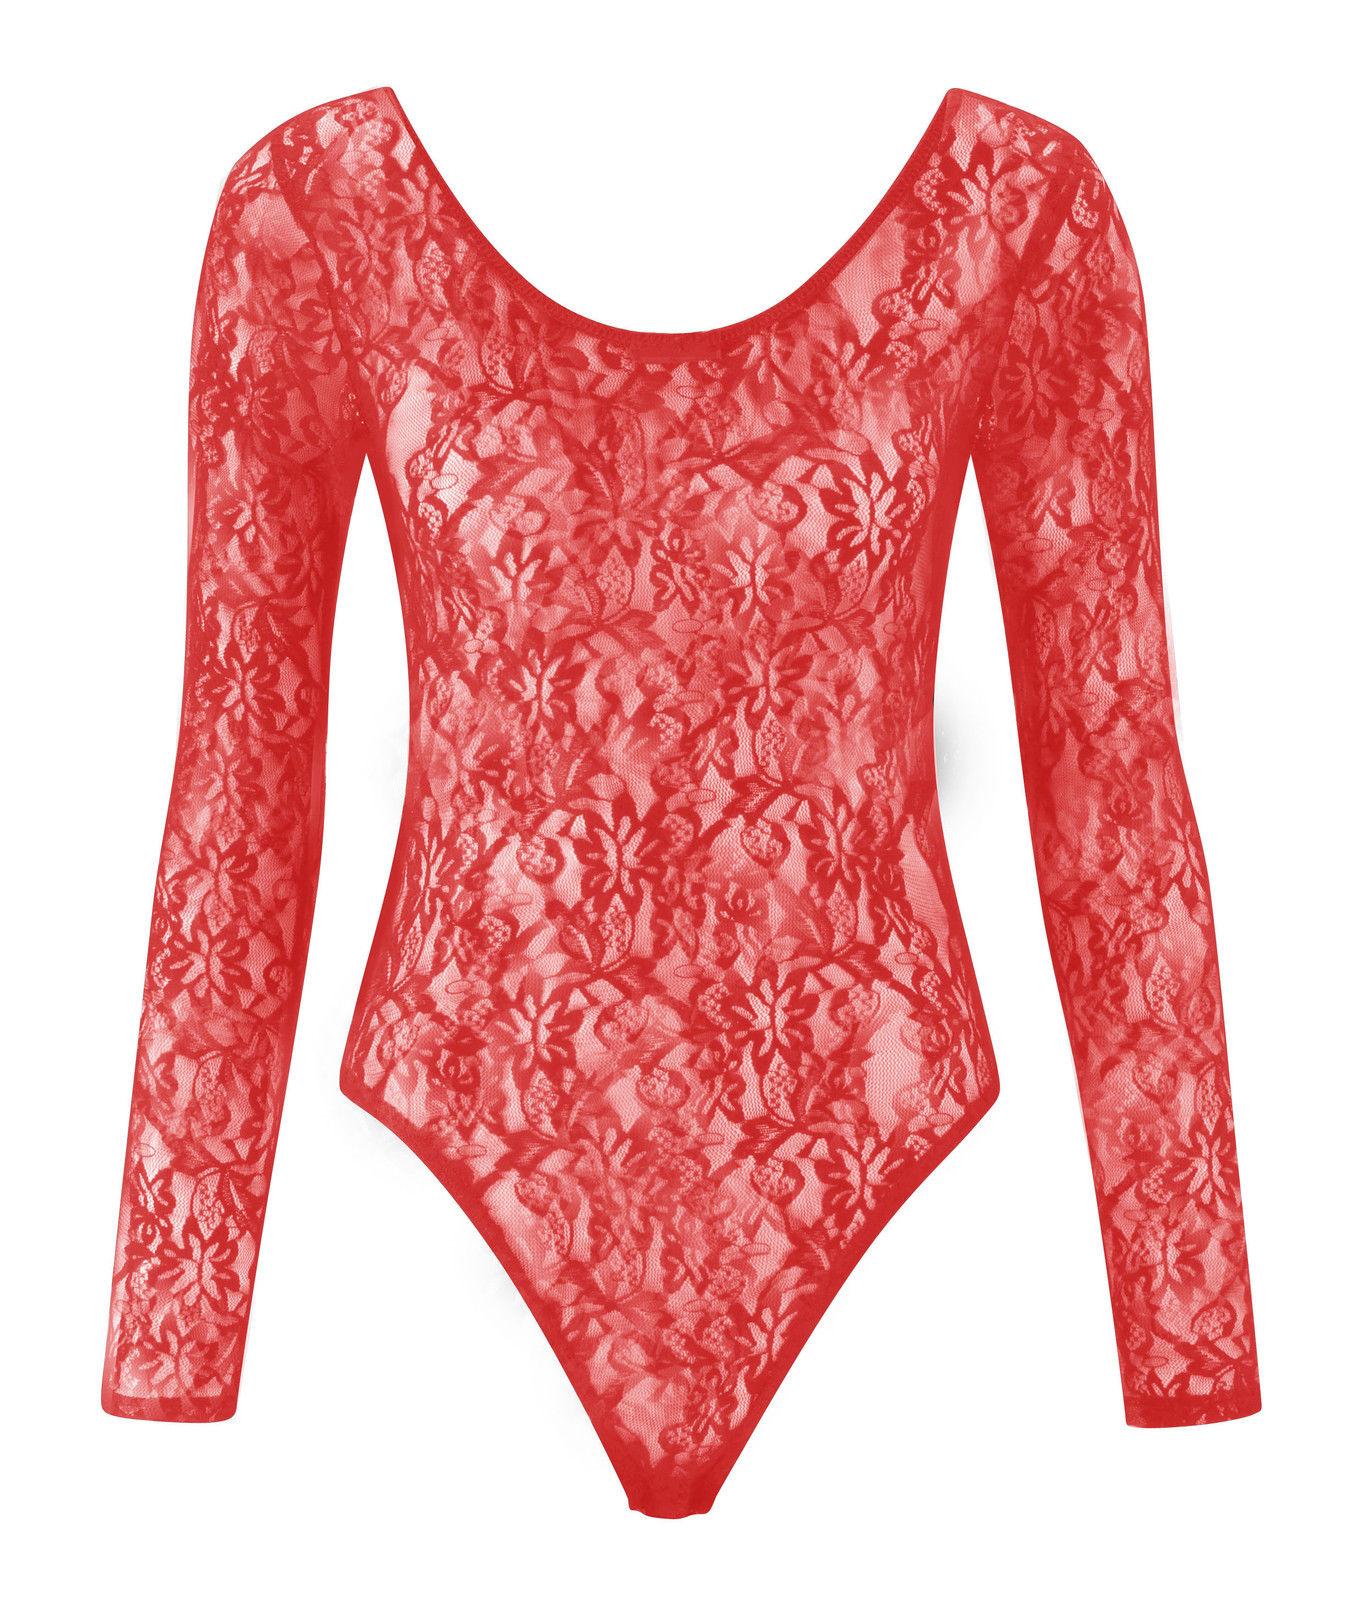 New Womens Plus Size Floral Lace Bodysuit Ladies Leotard ...